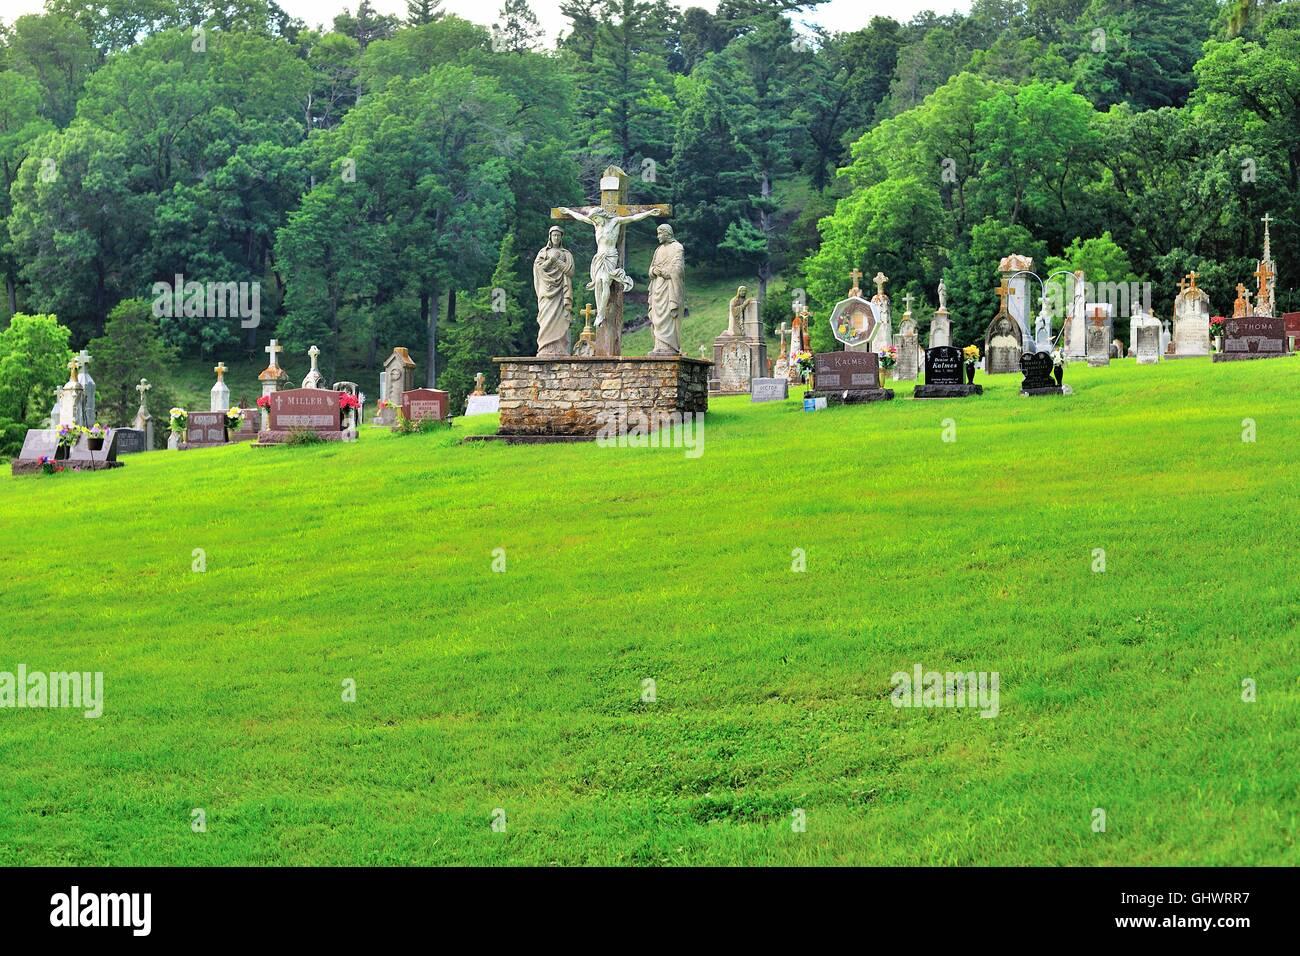 The cemetery at St. Donatus Catholic Church in St. Donatus, Iowa, USA. Stock Photo